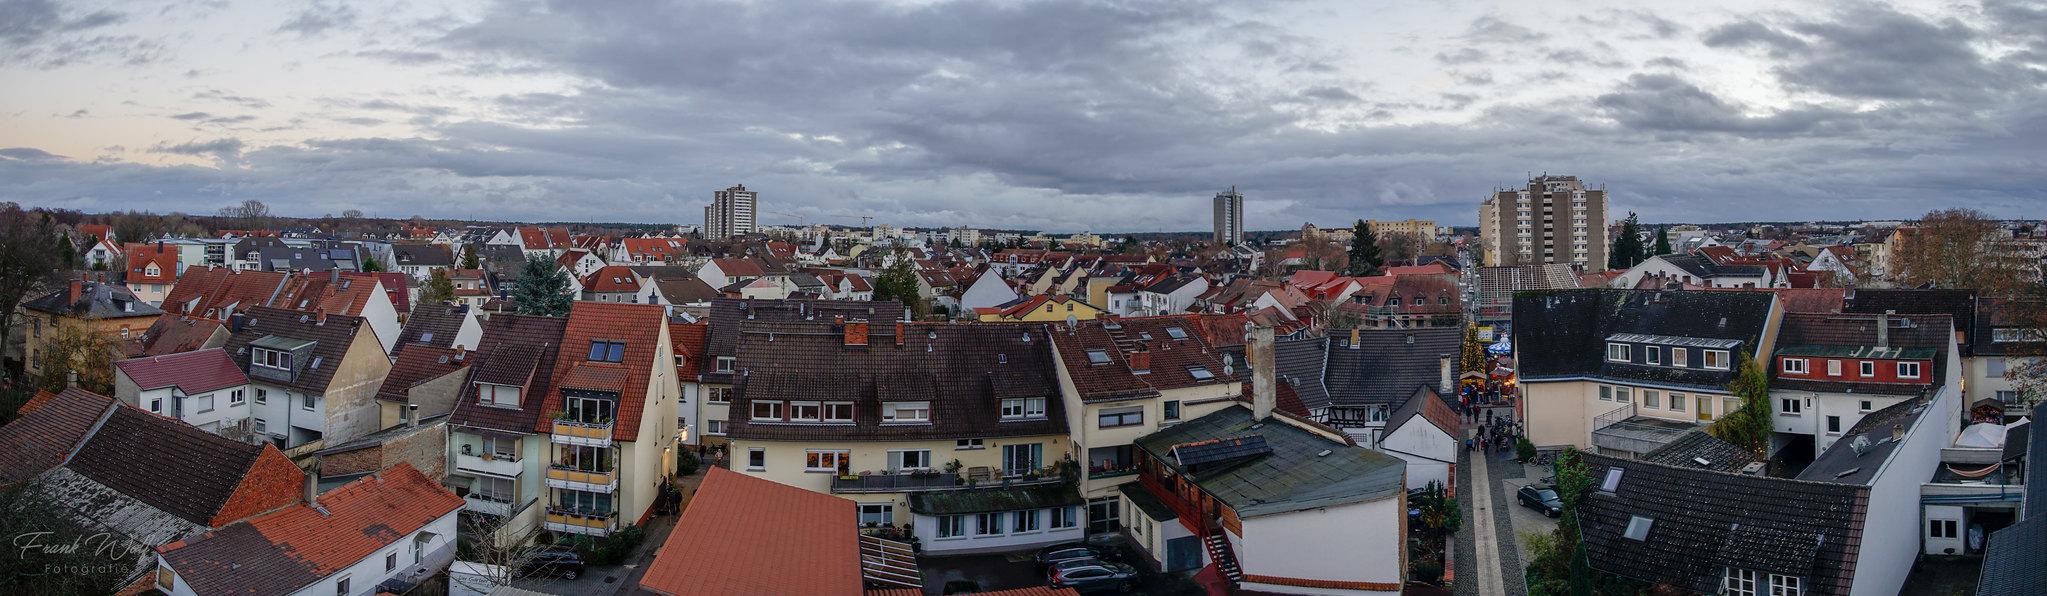 Panorama - Ausblick von der Kuppel der Marktplatzkirche 08.12.2018